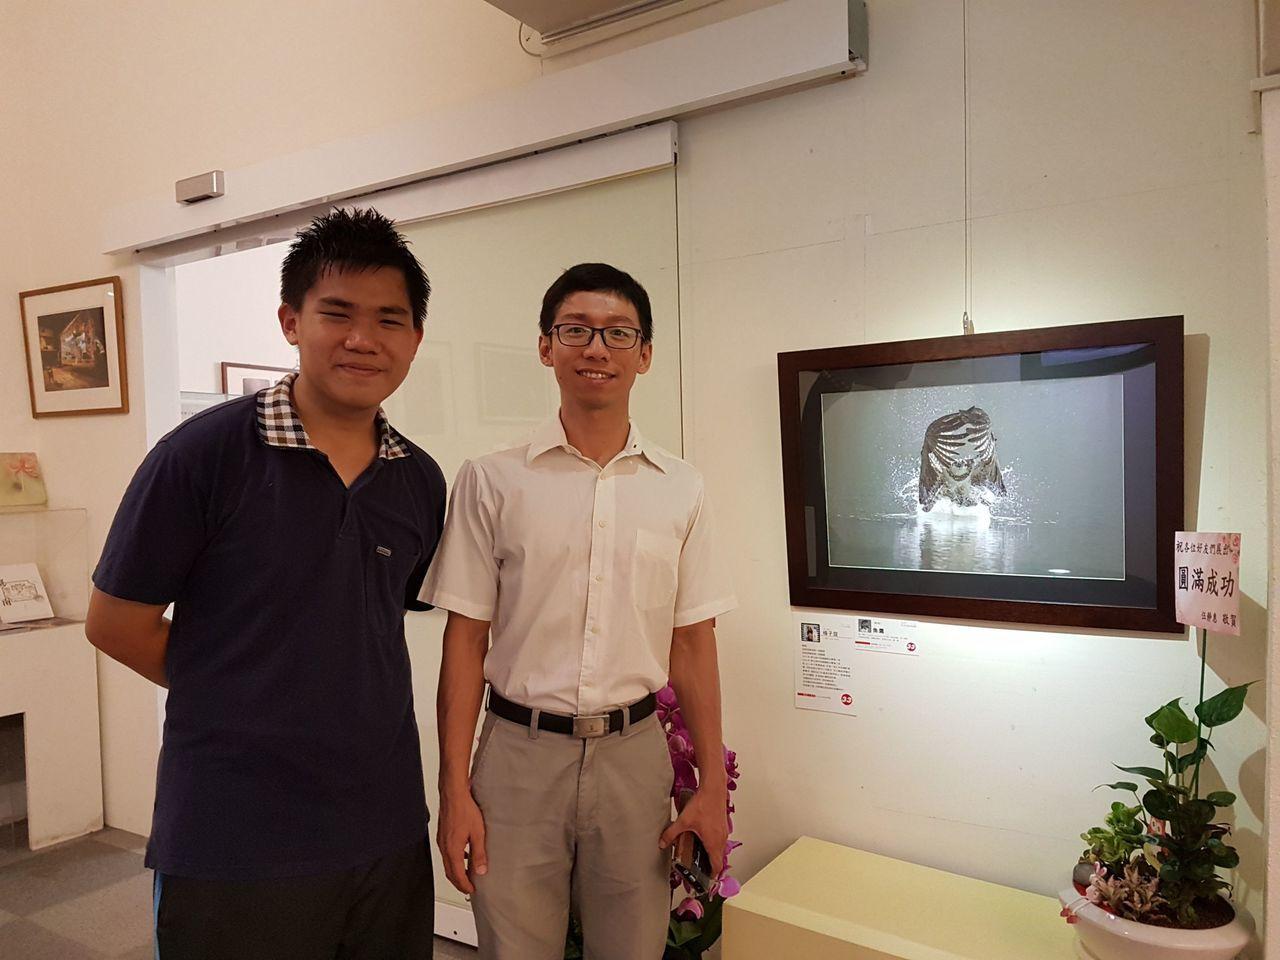 新化高中楊子誼(左)年紀輕輕已是資深拍鳥人。圖/黃蜀婷提供